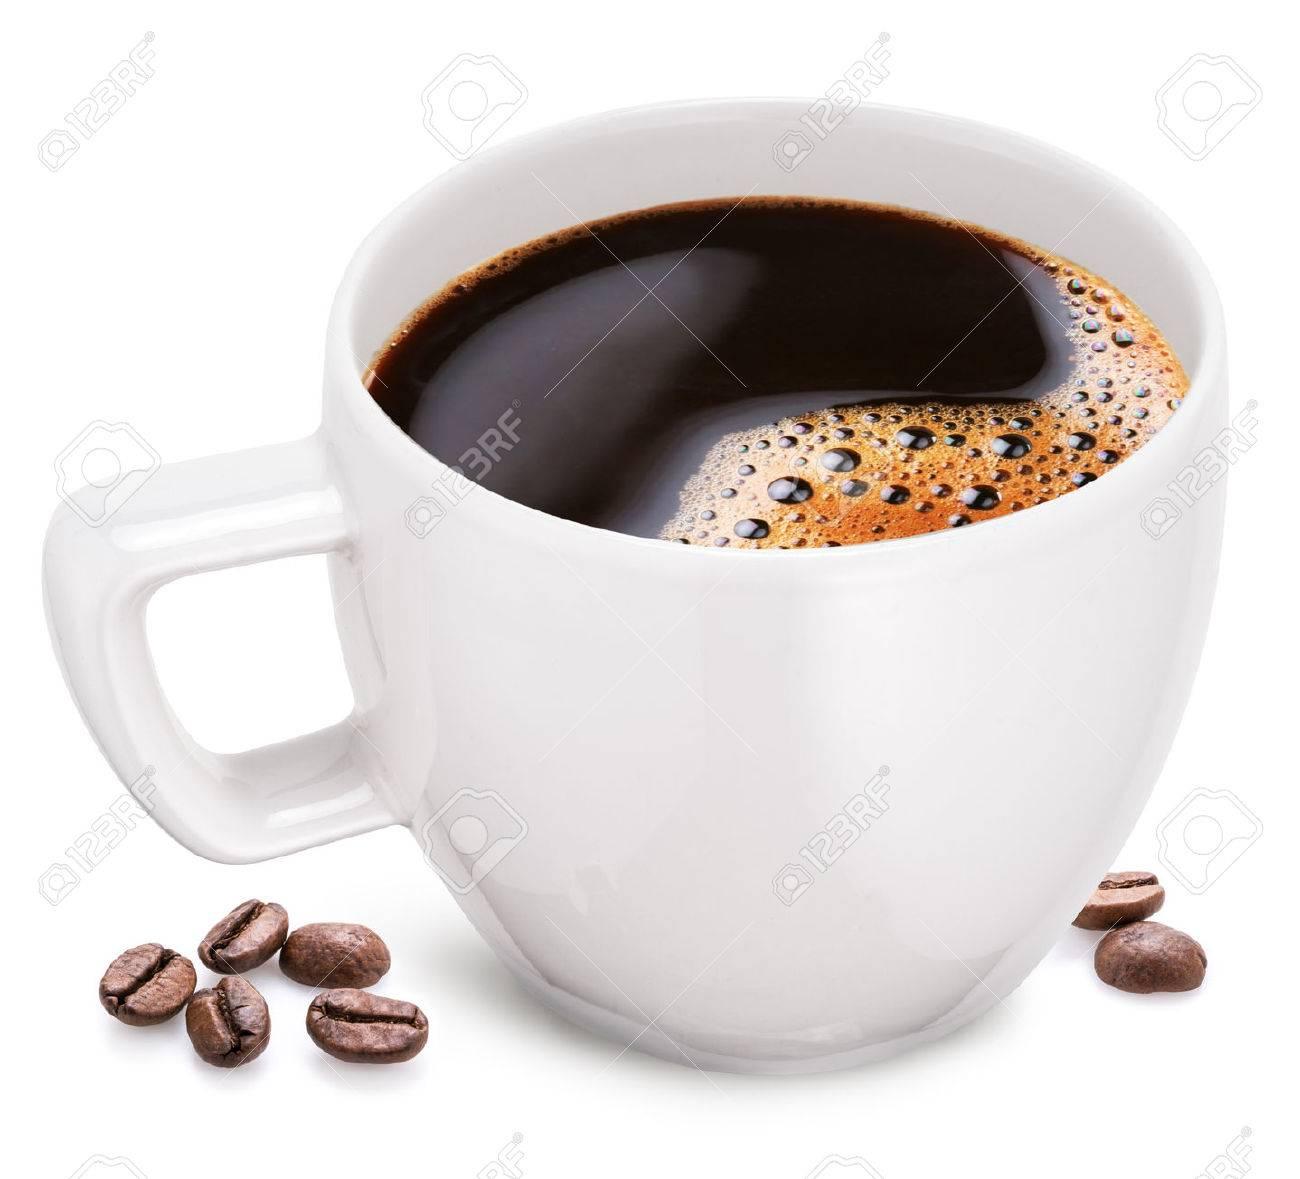 Tasse Kaffee Auf Einem Weißen Hintergrund. Die Datei Enthält Eine ...